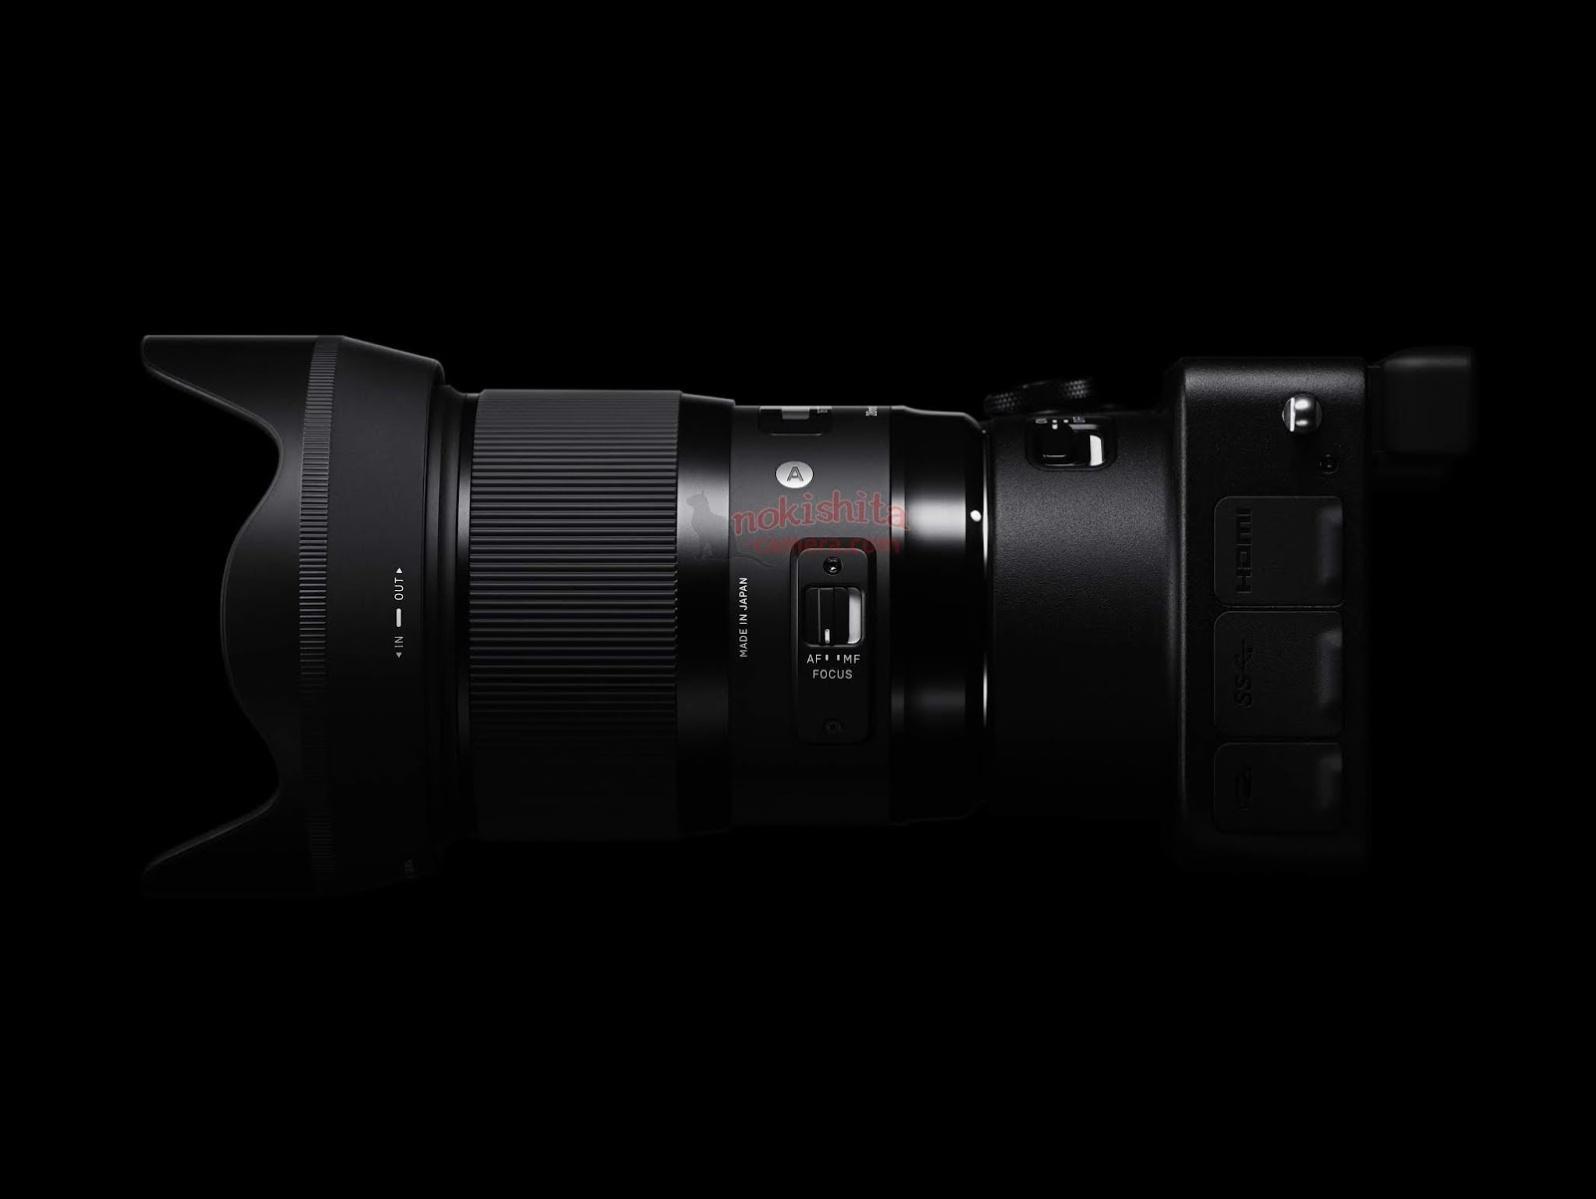 Sigma-28mm-f1.4-art-3